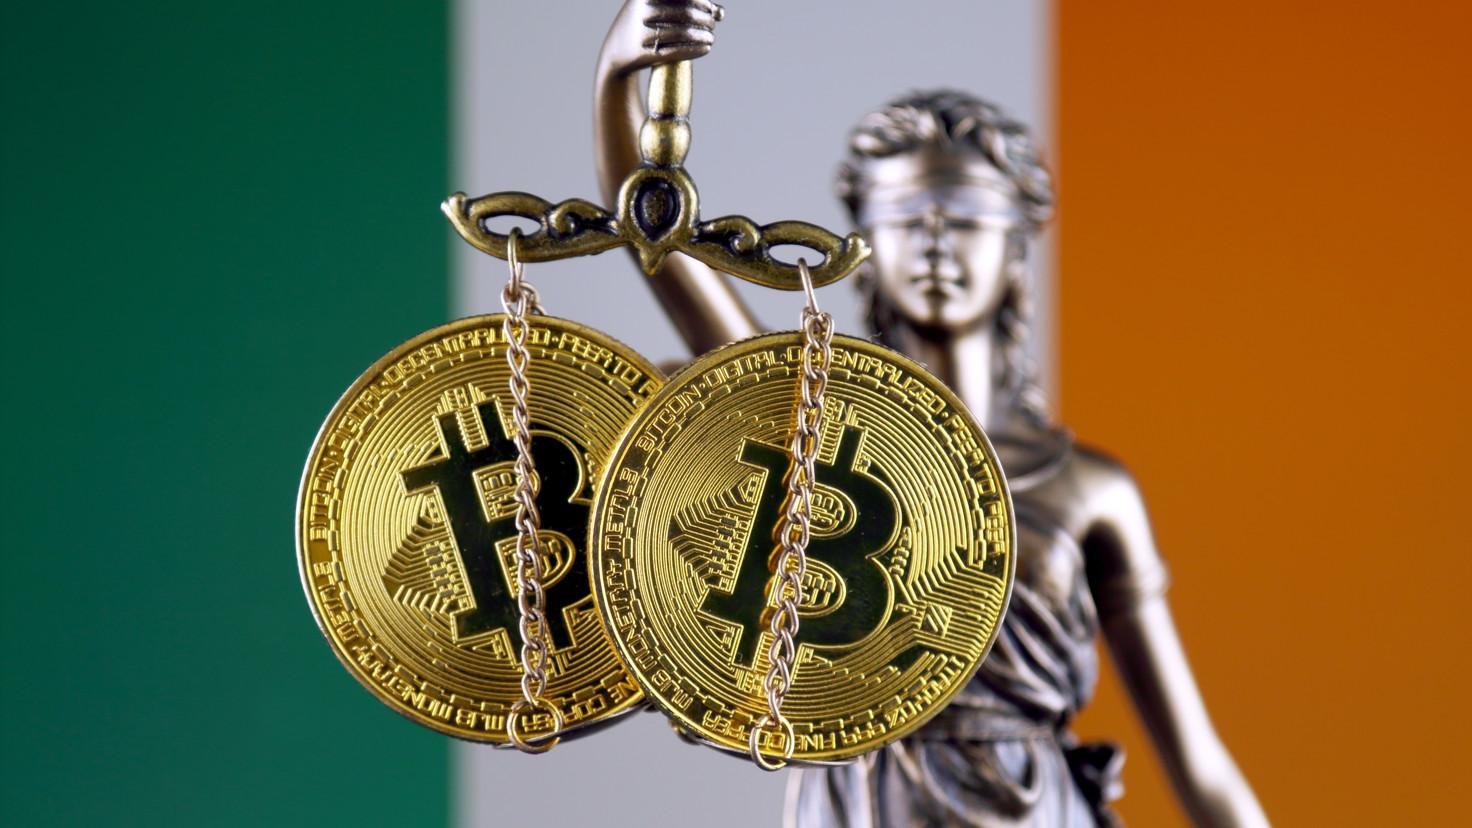 Irish High Court seizes drug dealer Bitcoin worth 52m euros